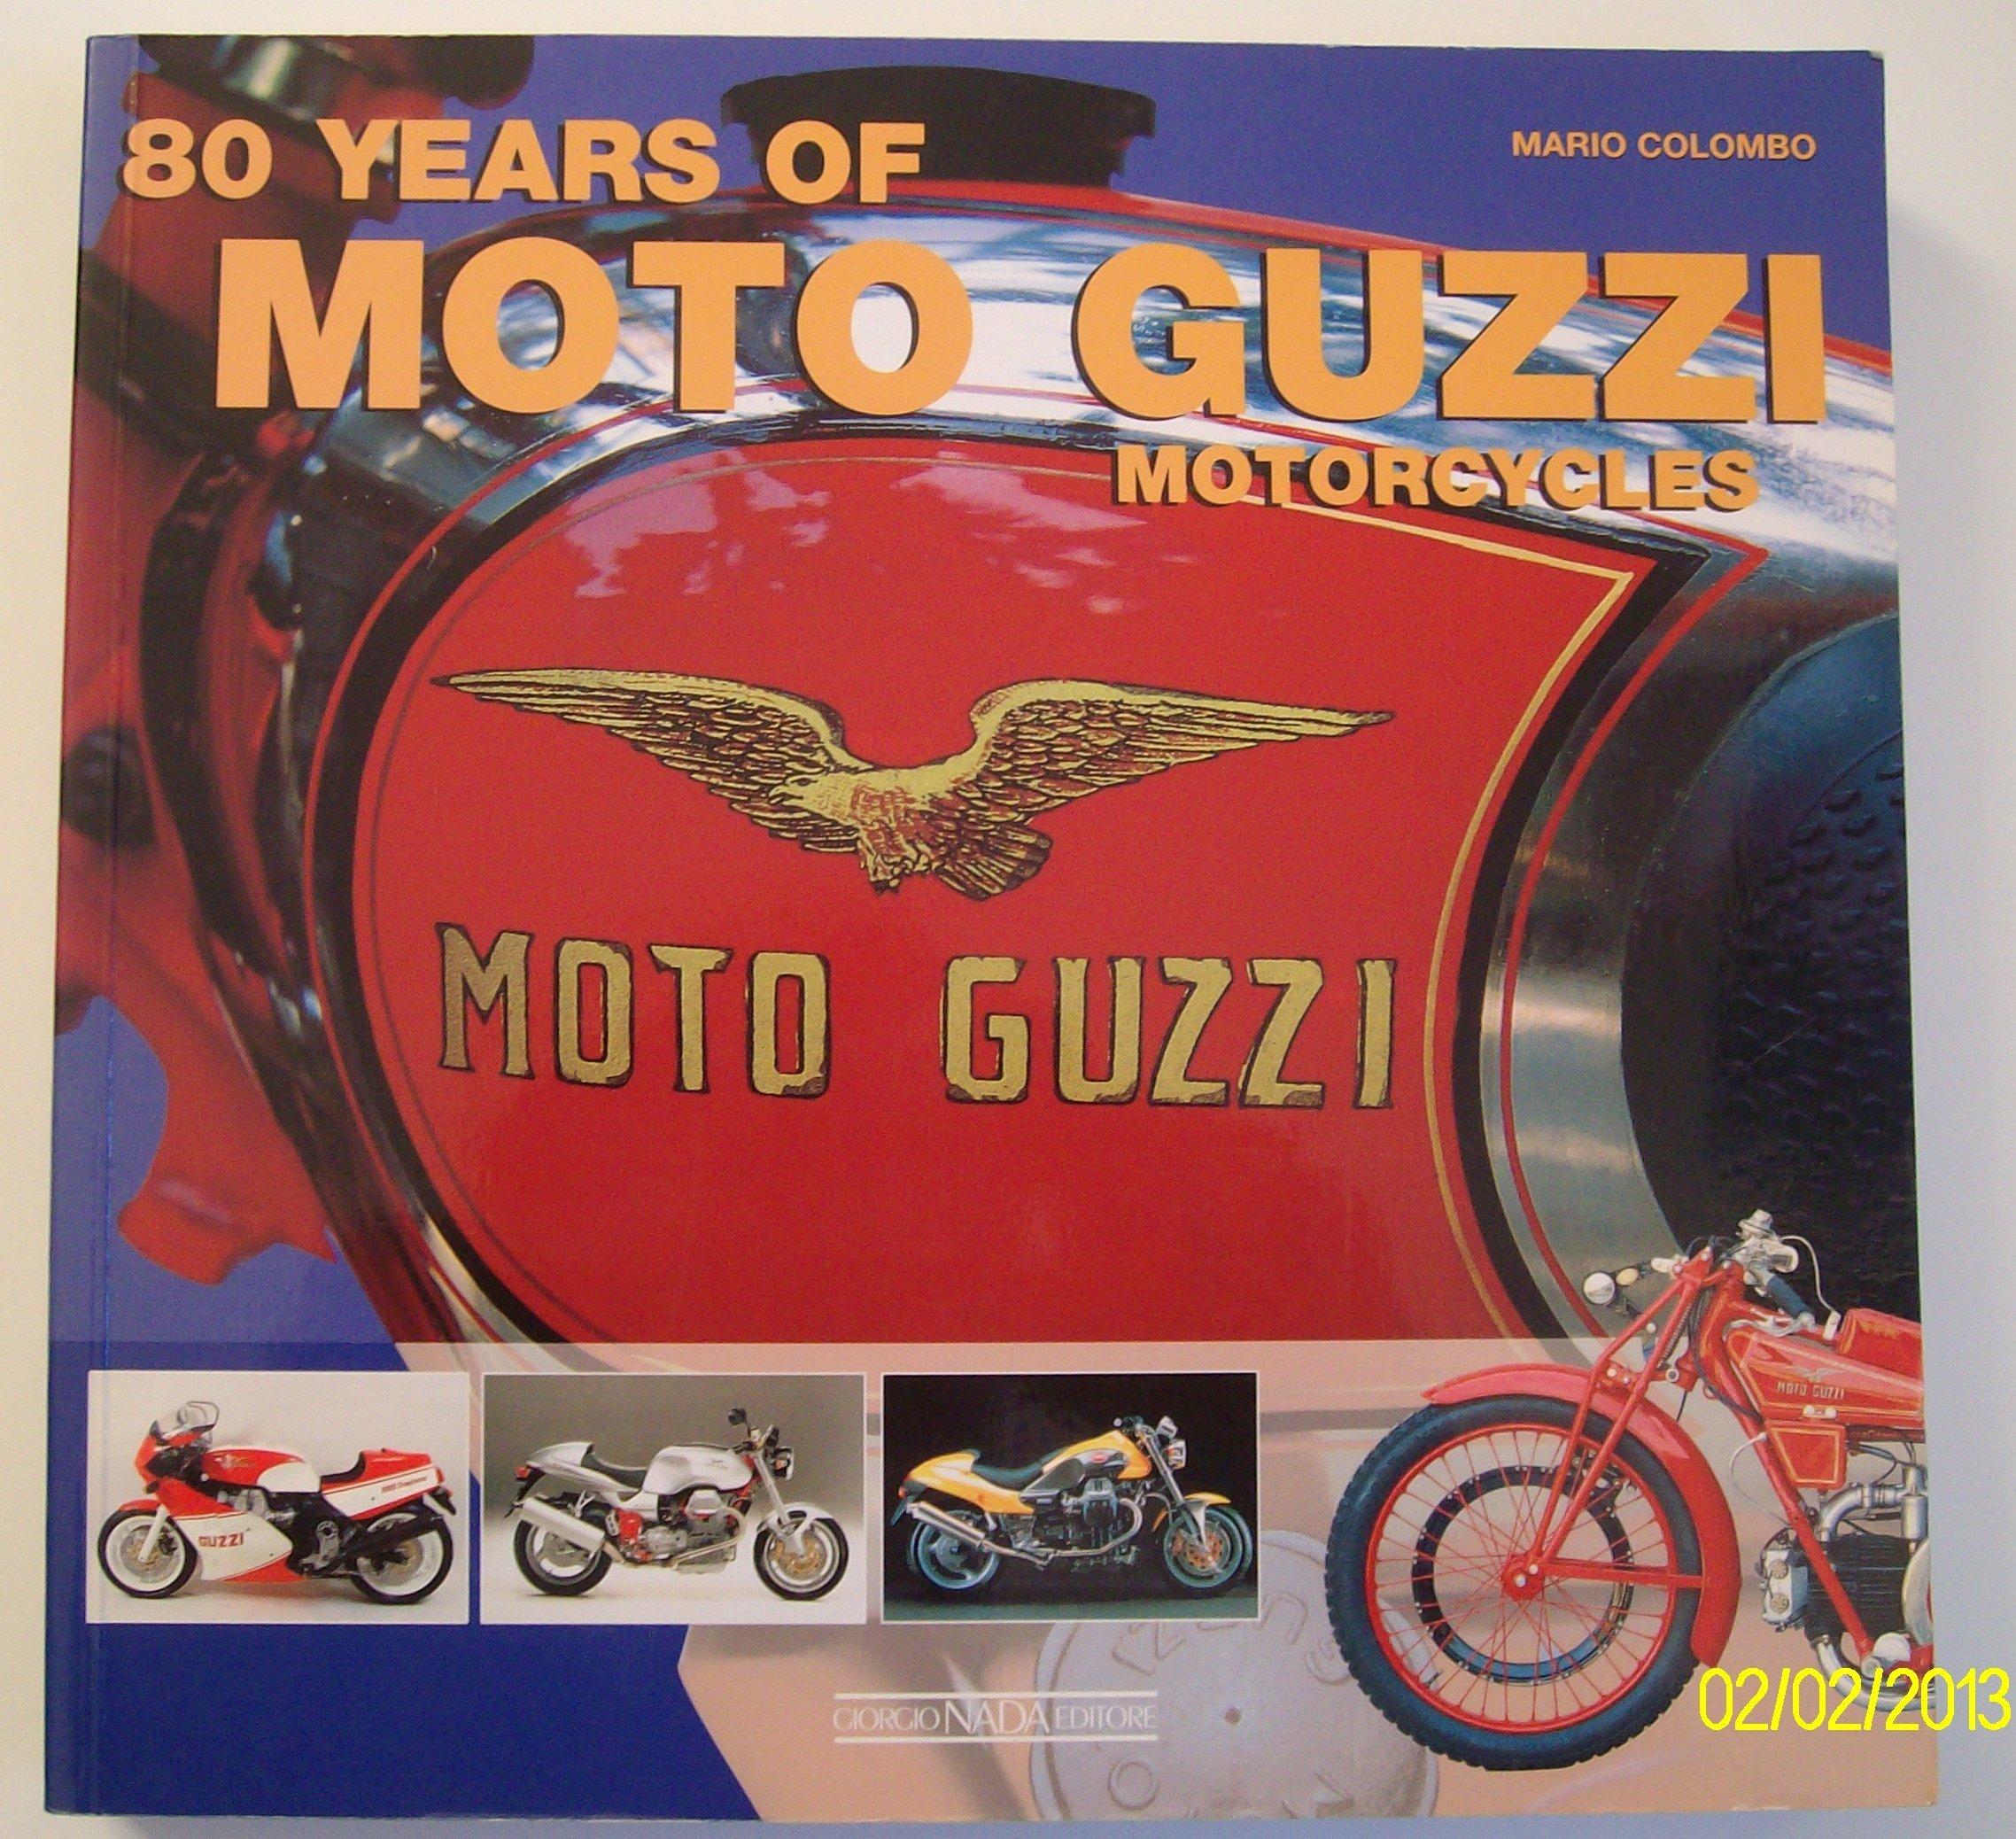 80 Years of Moto Guzzi Motorcycles